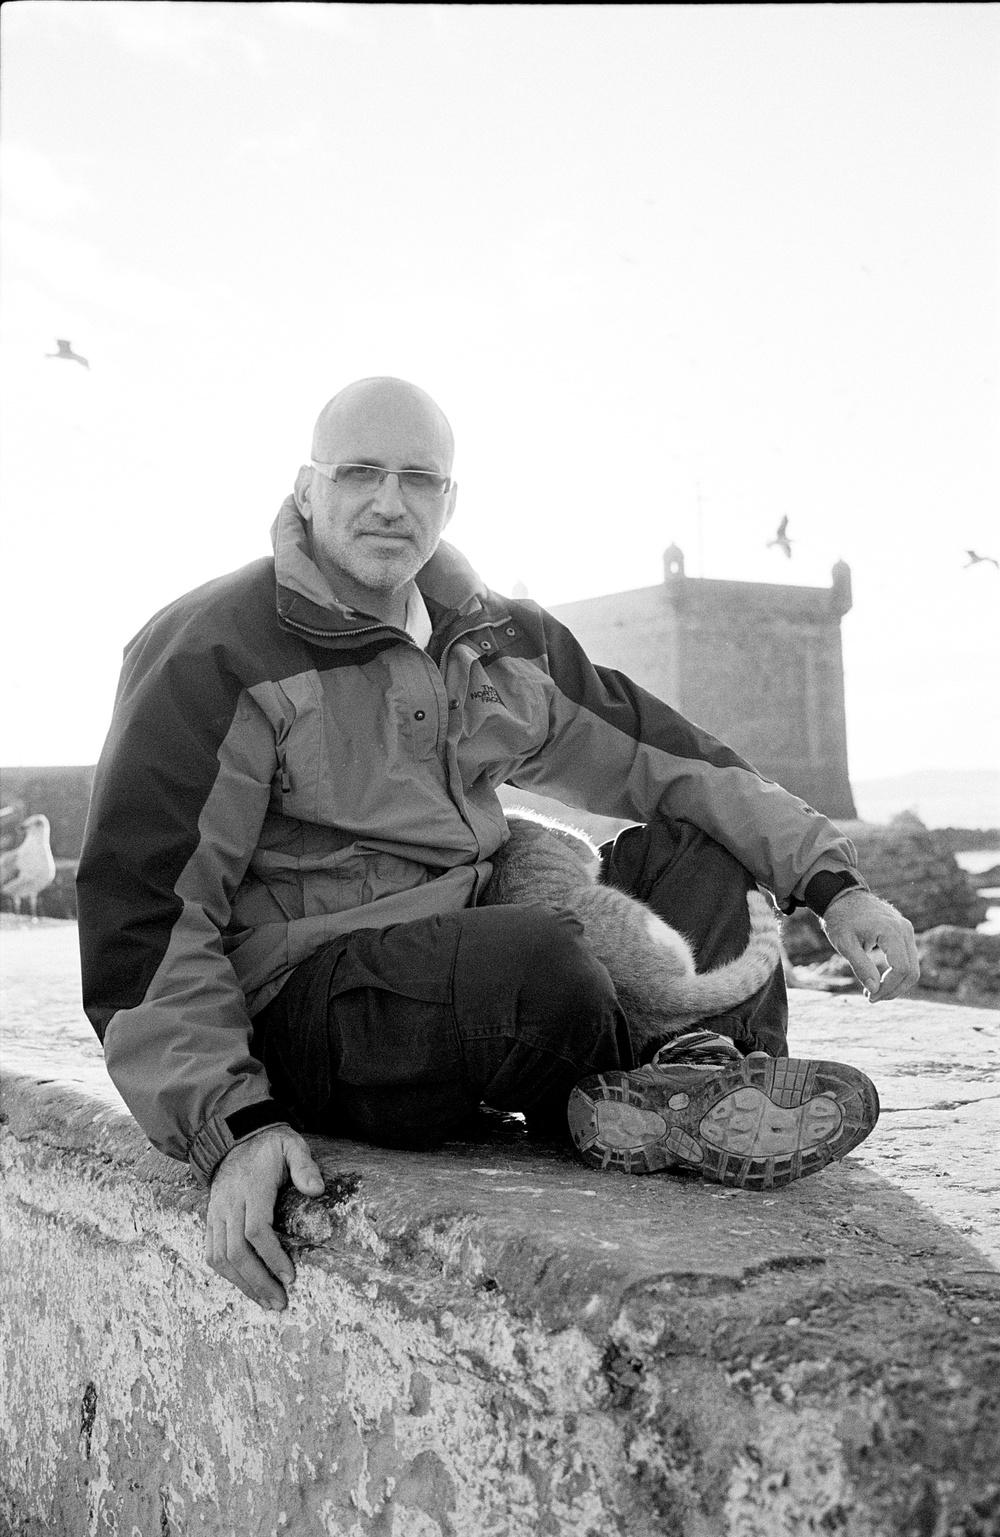 Daniel Belenguer. Essaouira